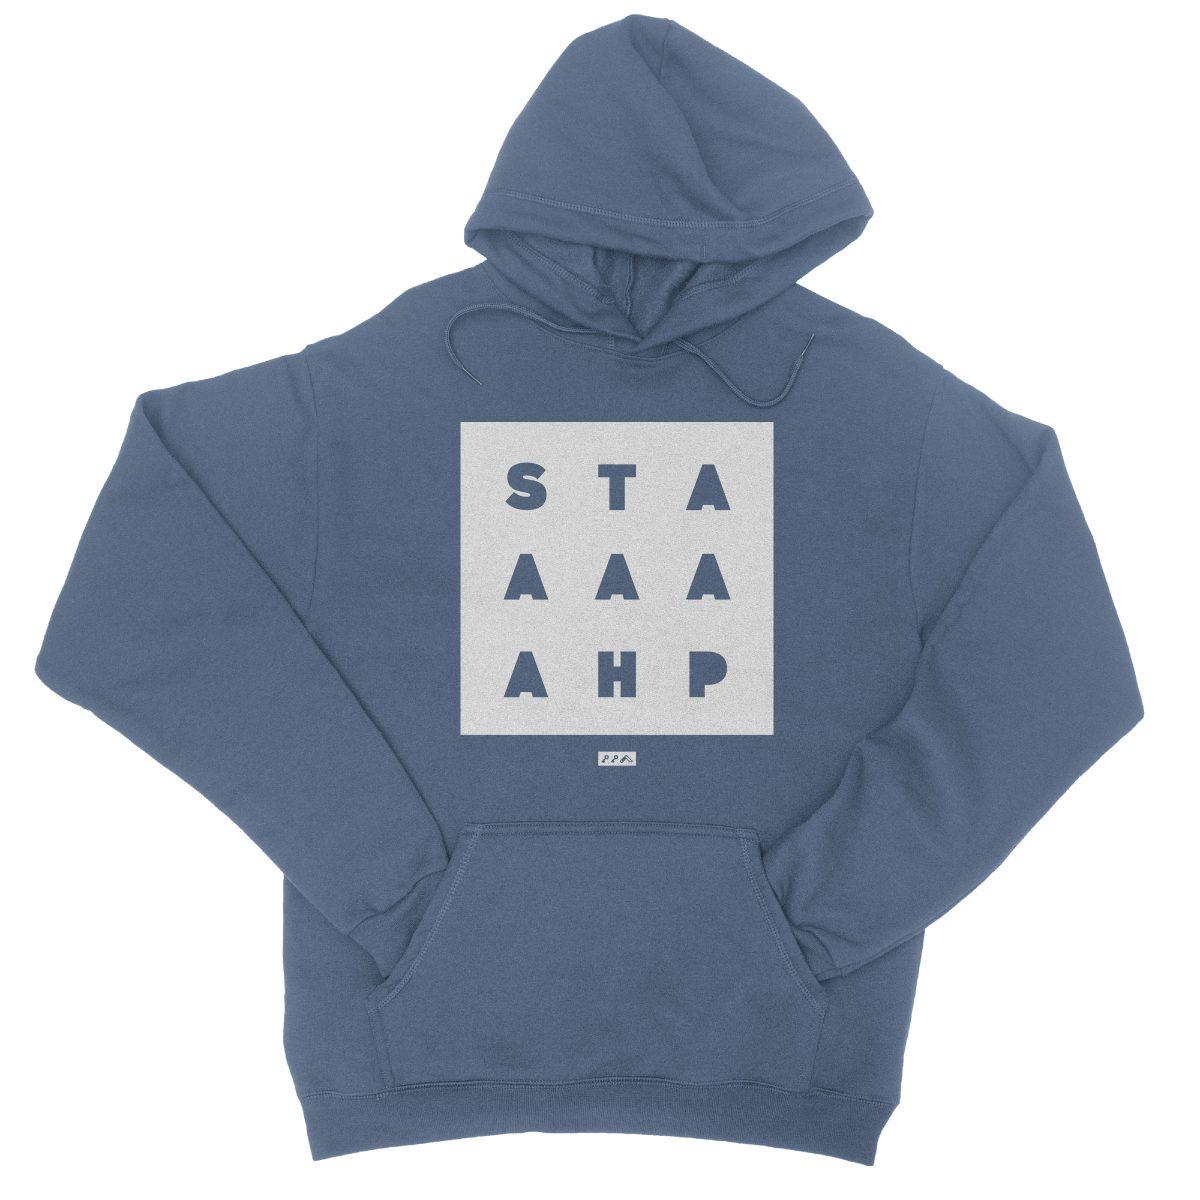 """""""STAAAAAHP"""" funny philly slang hoodie sweatshirt in indigo"""